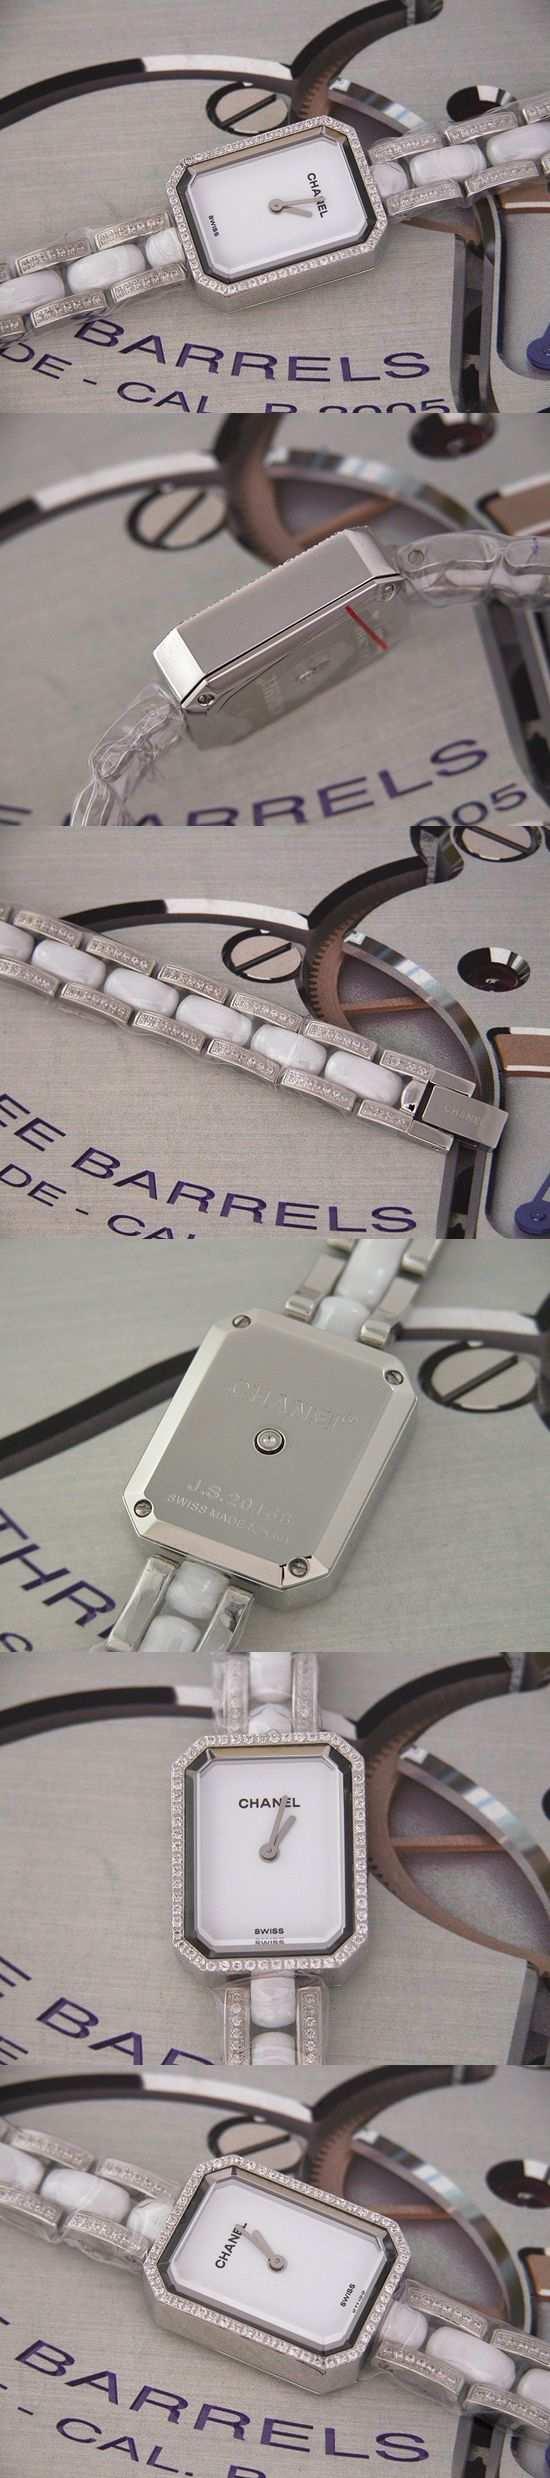 おしゃれなブランド時計がシャネル-CHANEL-H2146-プルミエール-女性用を提供します.